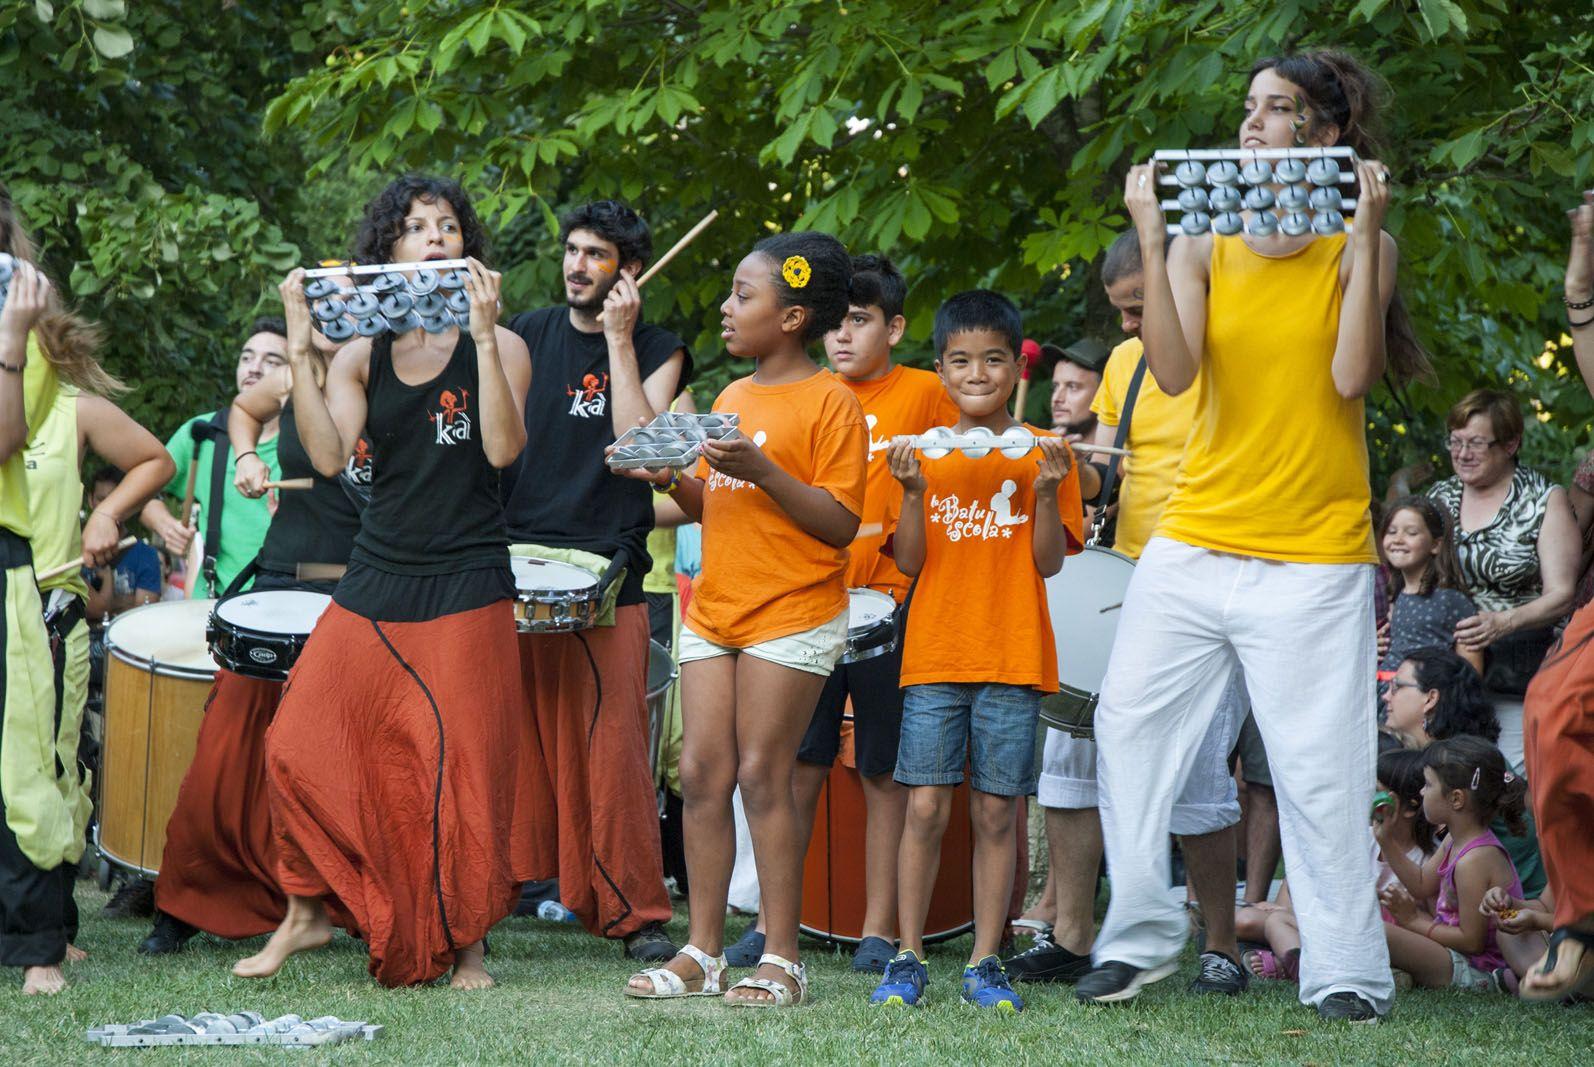 Trobada Percussionista, Jardins del Monestir. FOTO: Aïda Sotelo